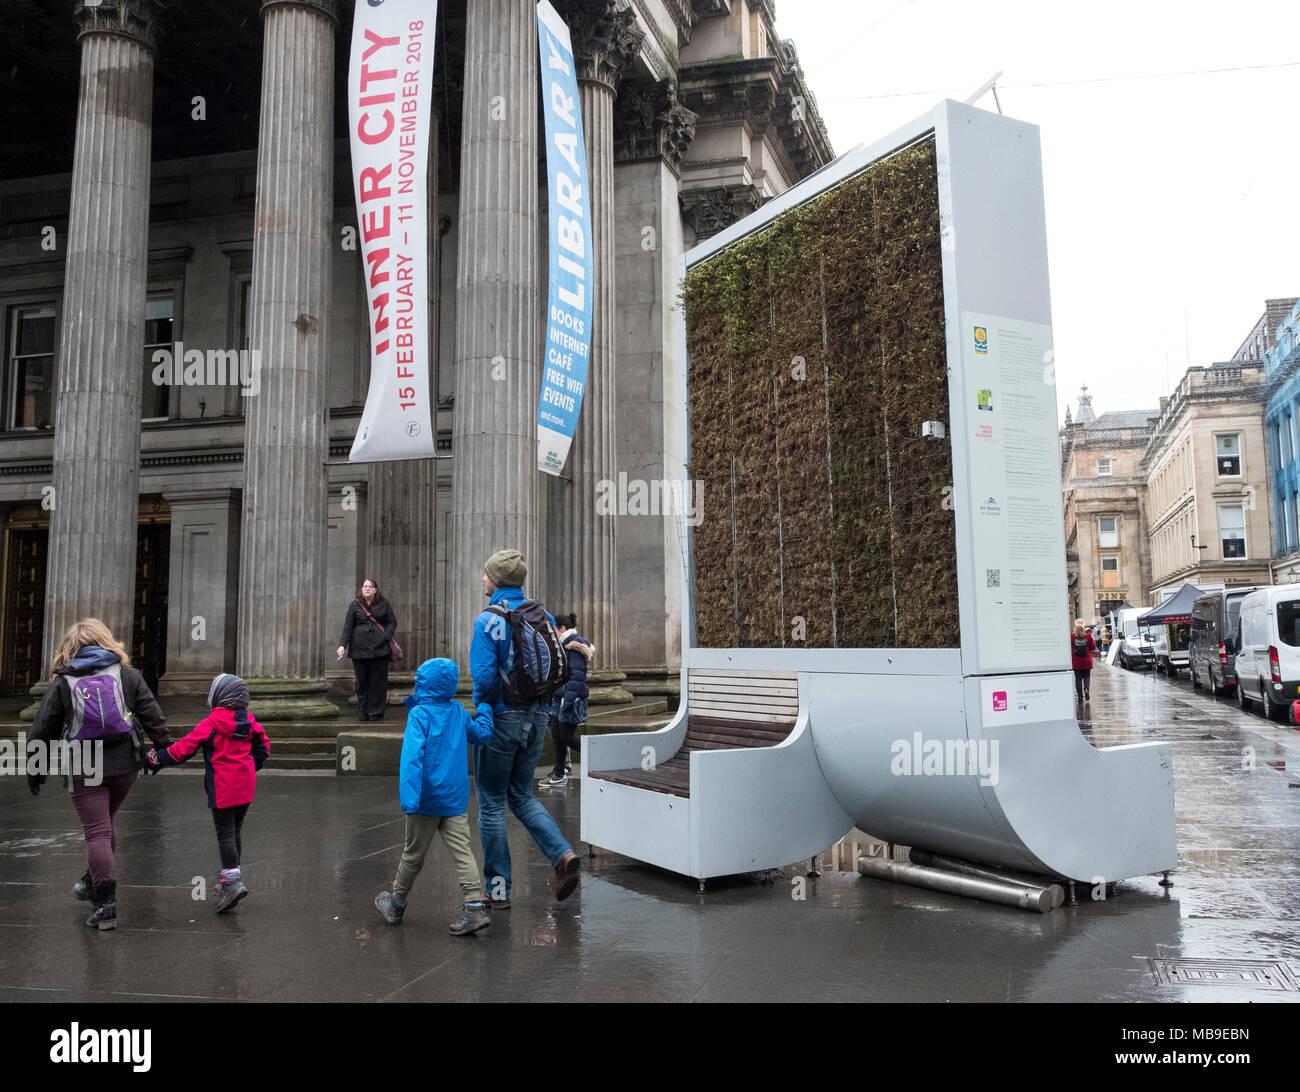 Gran Máquina purificadora de aire exterior en la calle en el centro de Glasgow, Escocia, Reino Unido Imagen De Stock